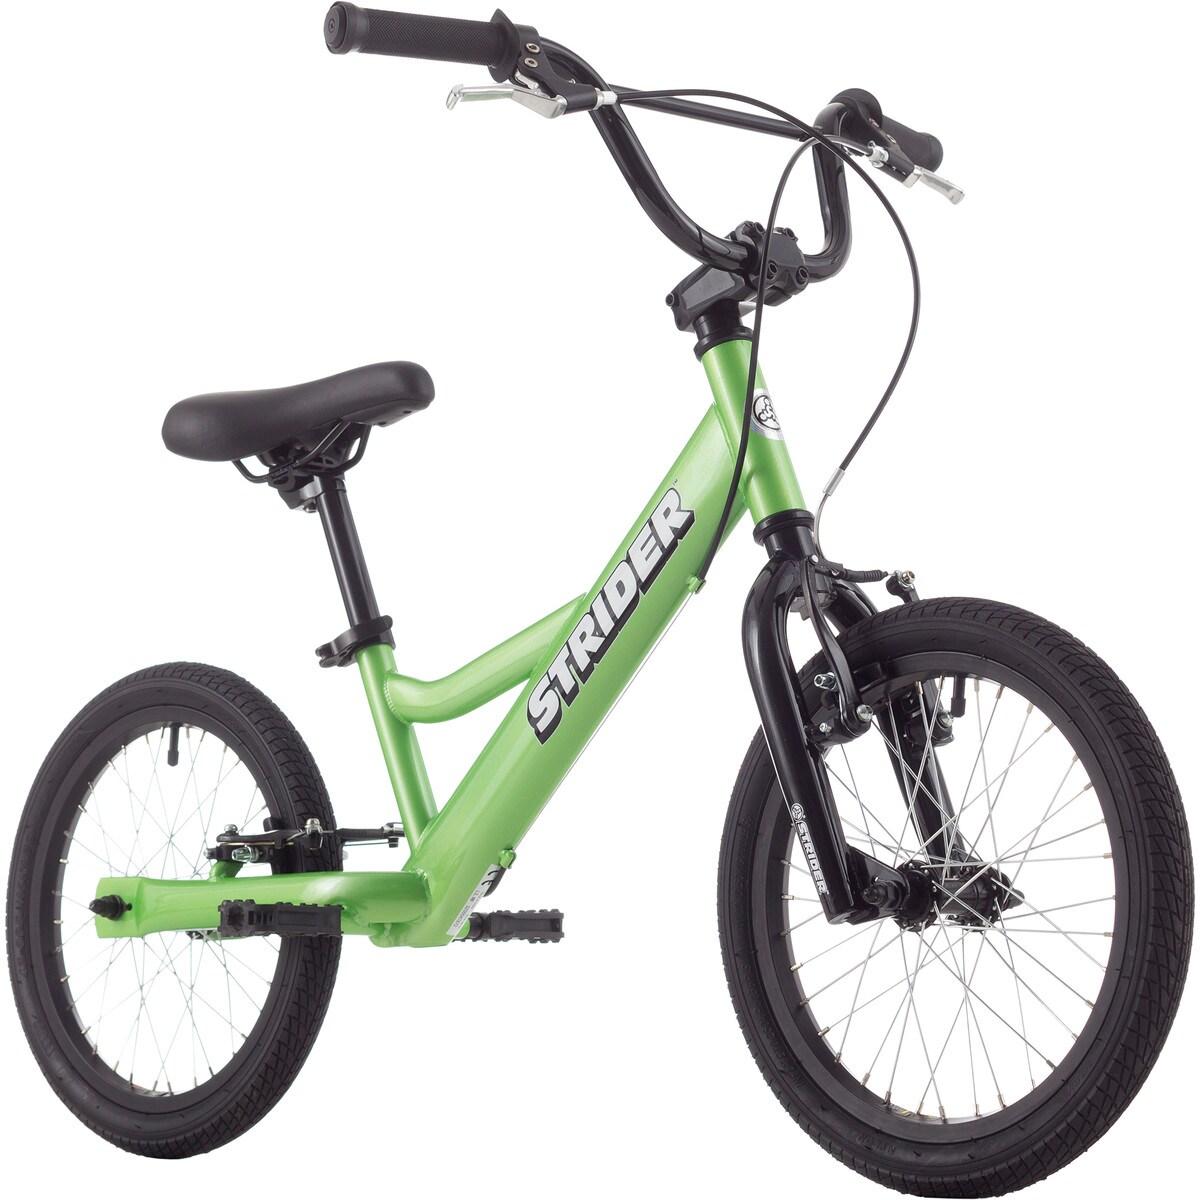 Strider 16 Sport Kids Bike 2015 Green One Size